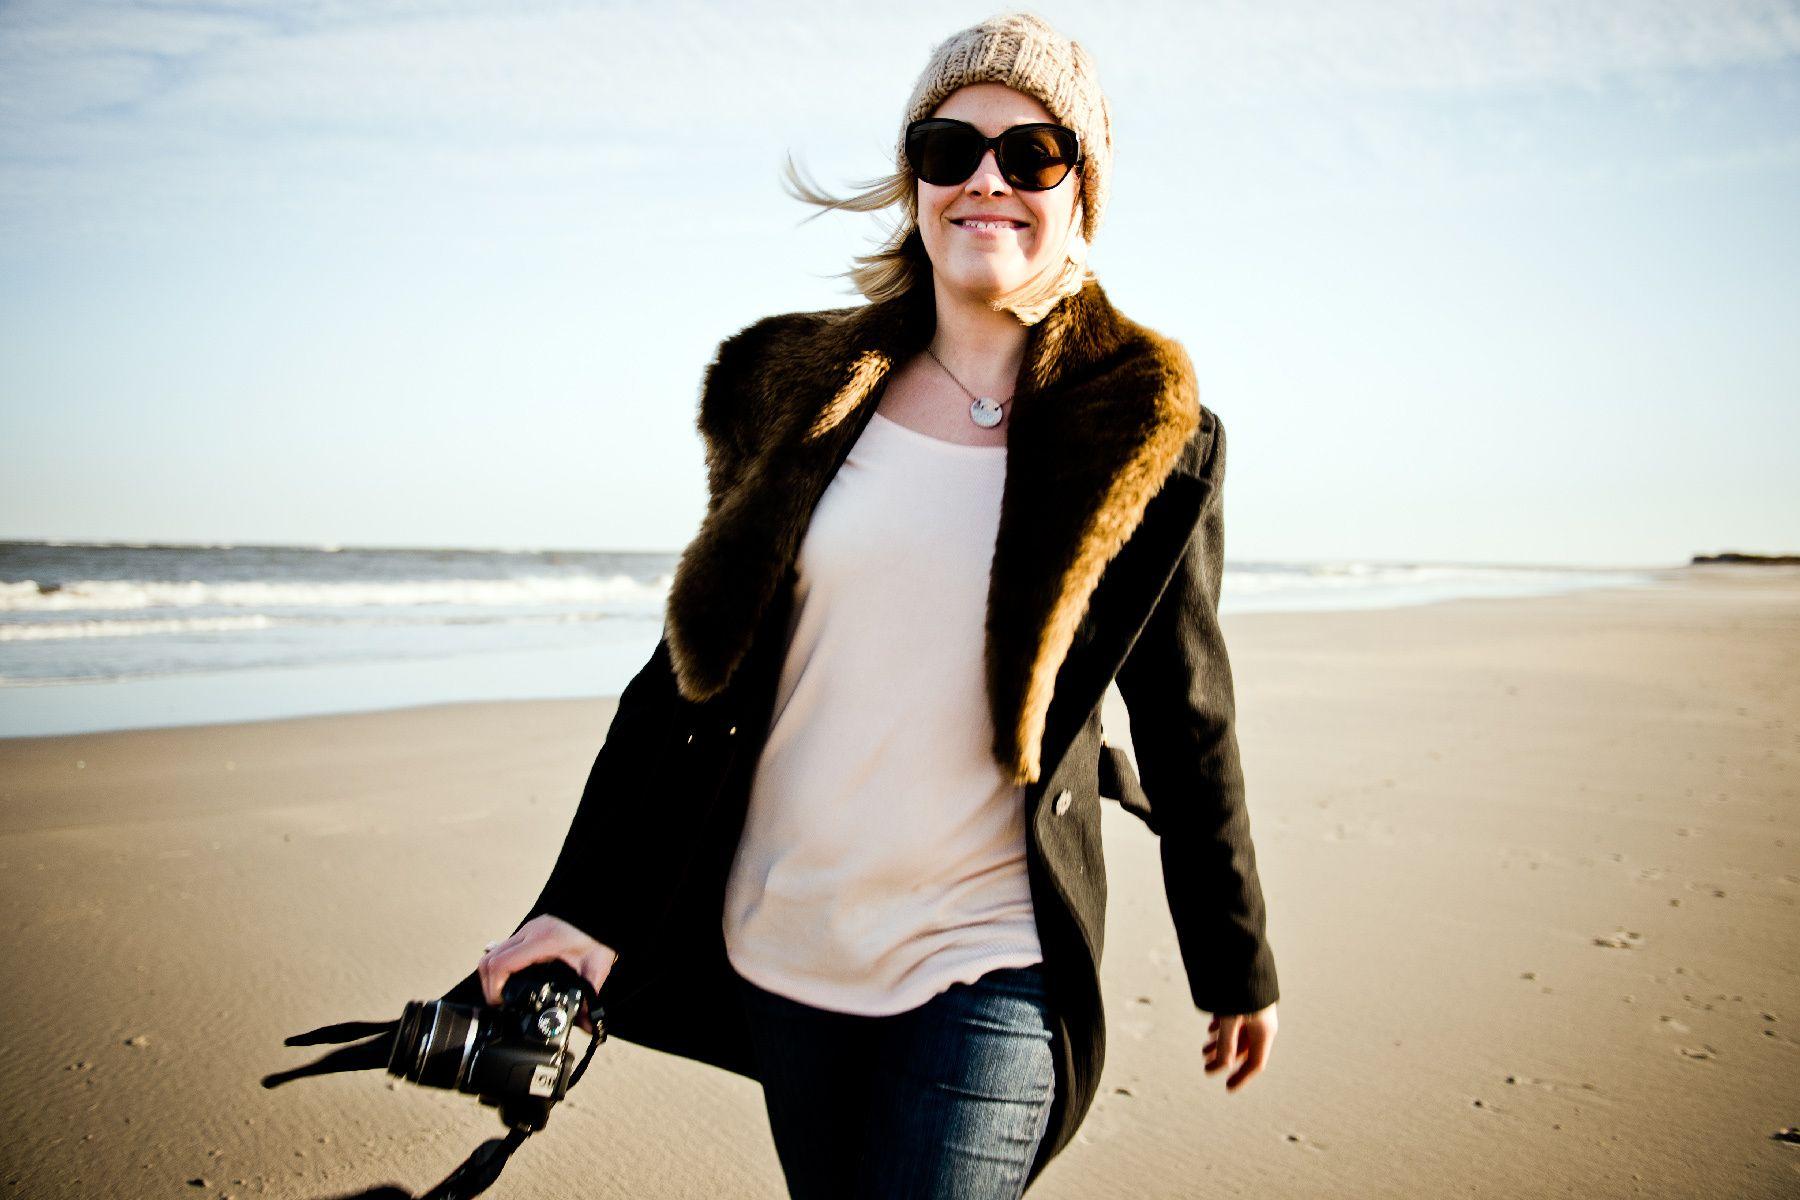 1stefanie_ocean_city_winter_with_wife_walking_beach_01_nikon_d4_dsc6168